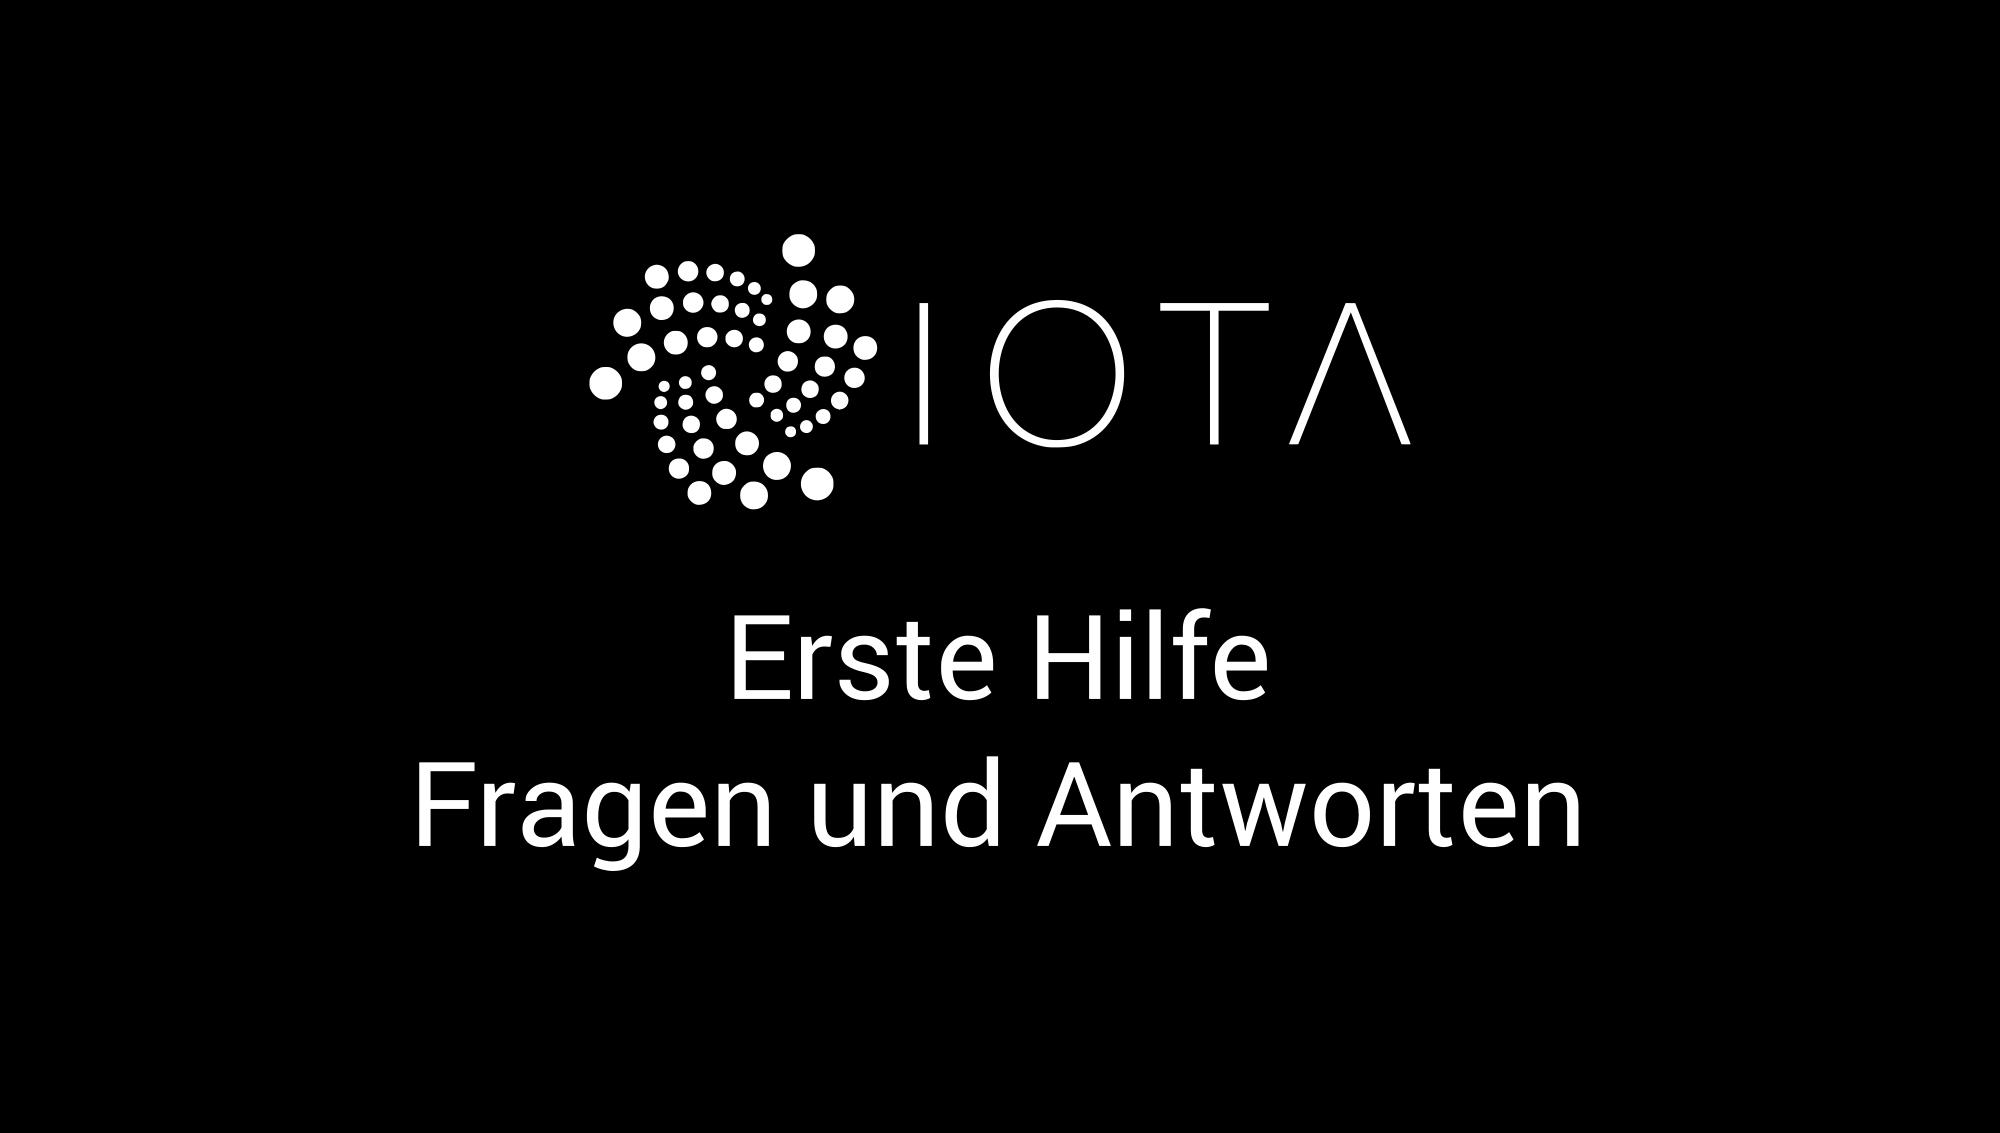 IOTA - Erste Hilfe, Fragen und Antworten (FAQ)